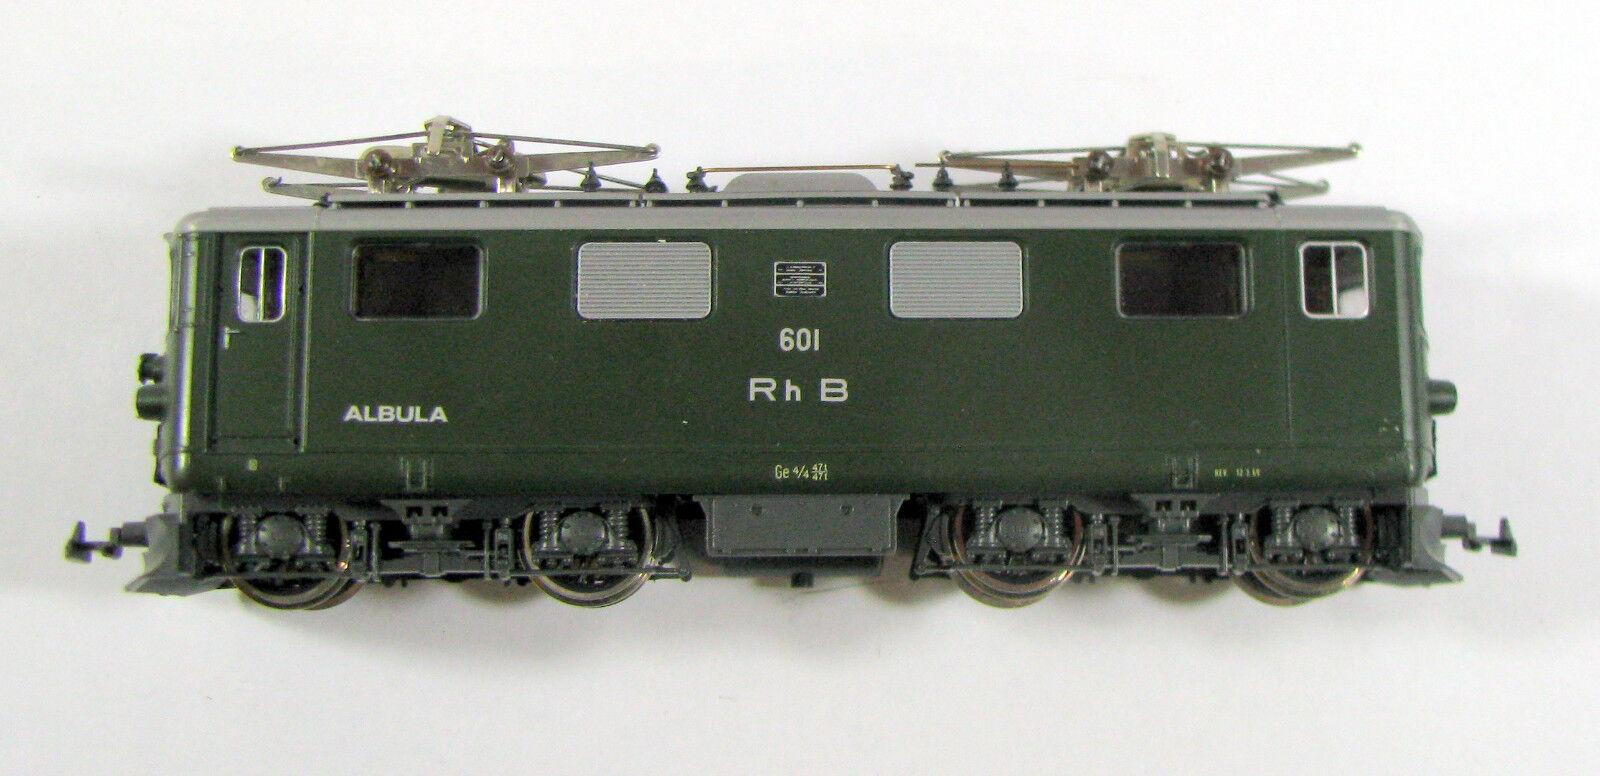 BEMO 1250 1250 1250 E-Lok GE 4 4 Albula RHB carreggiata stretta h0m senza imballaggio originale a80270